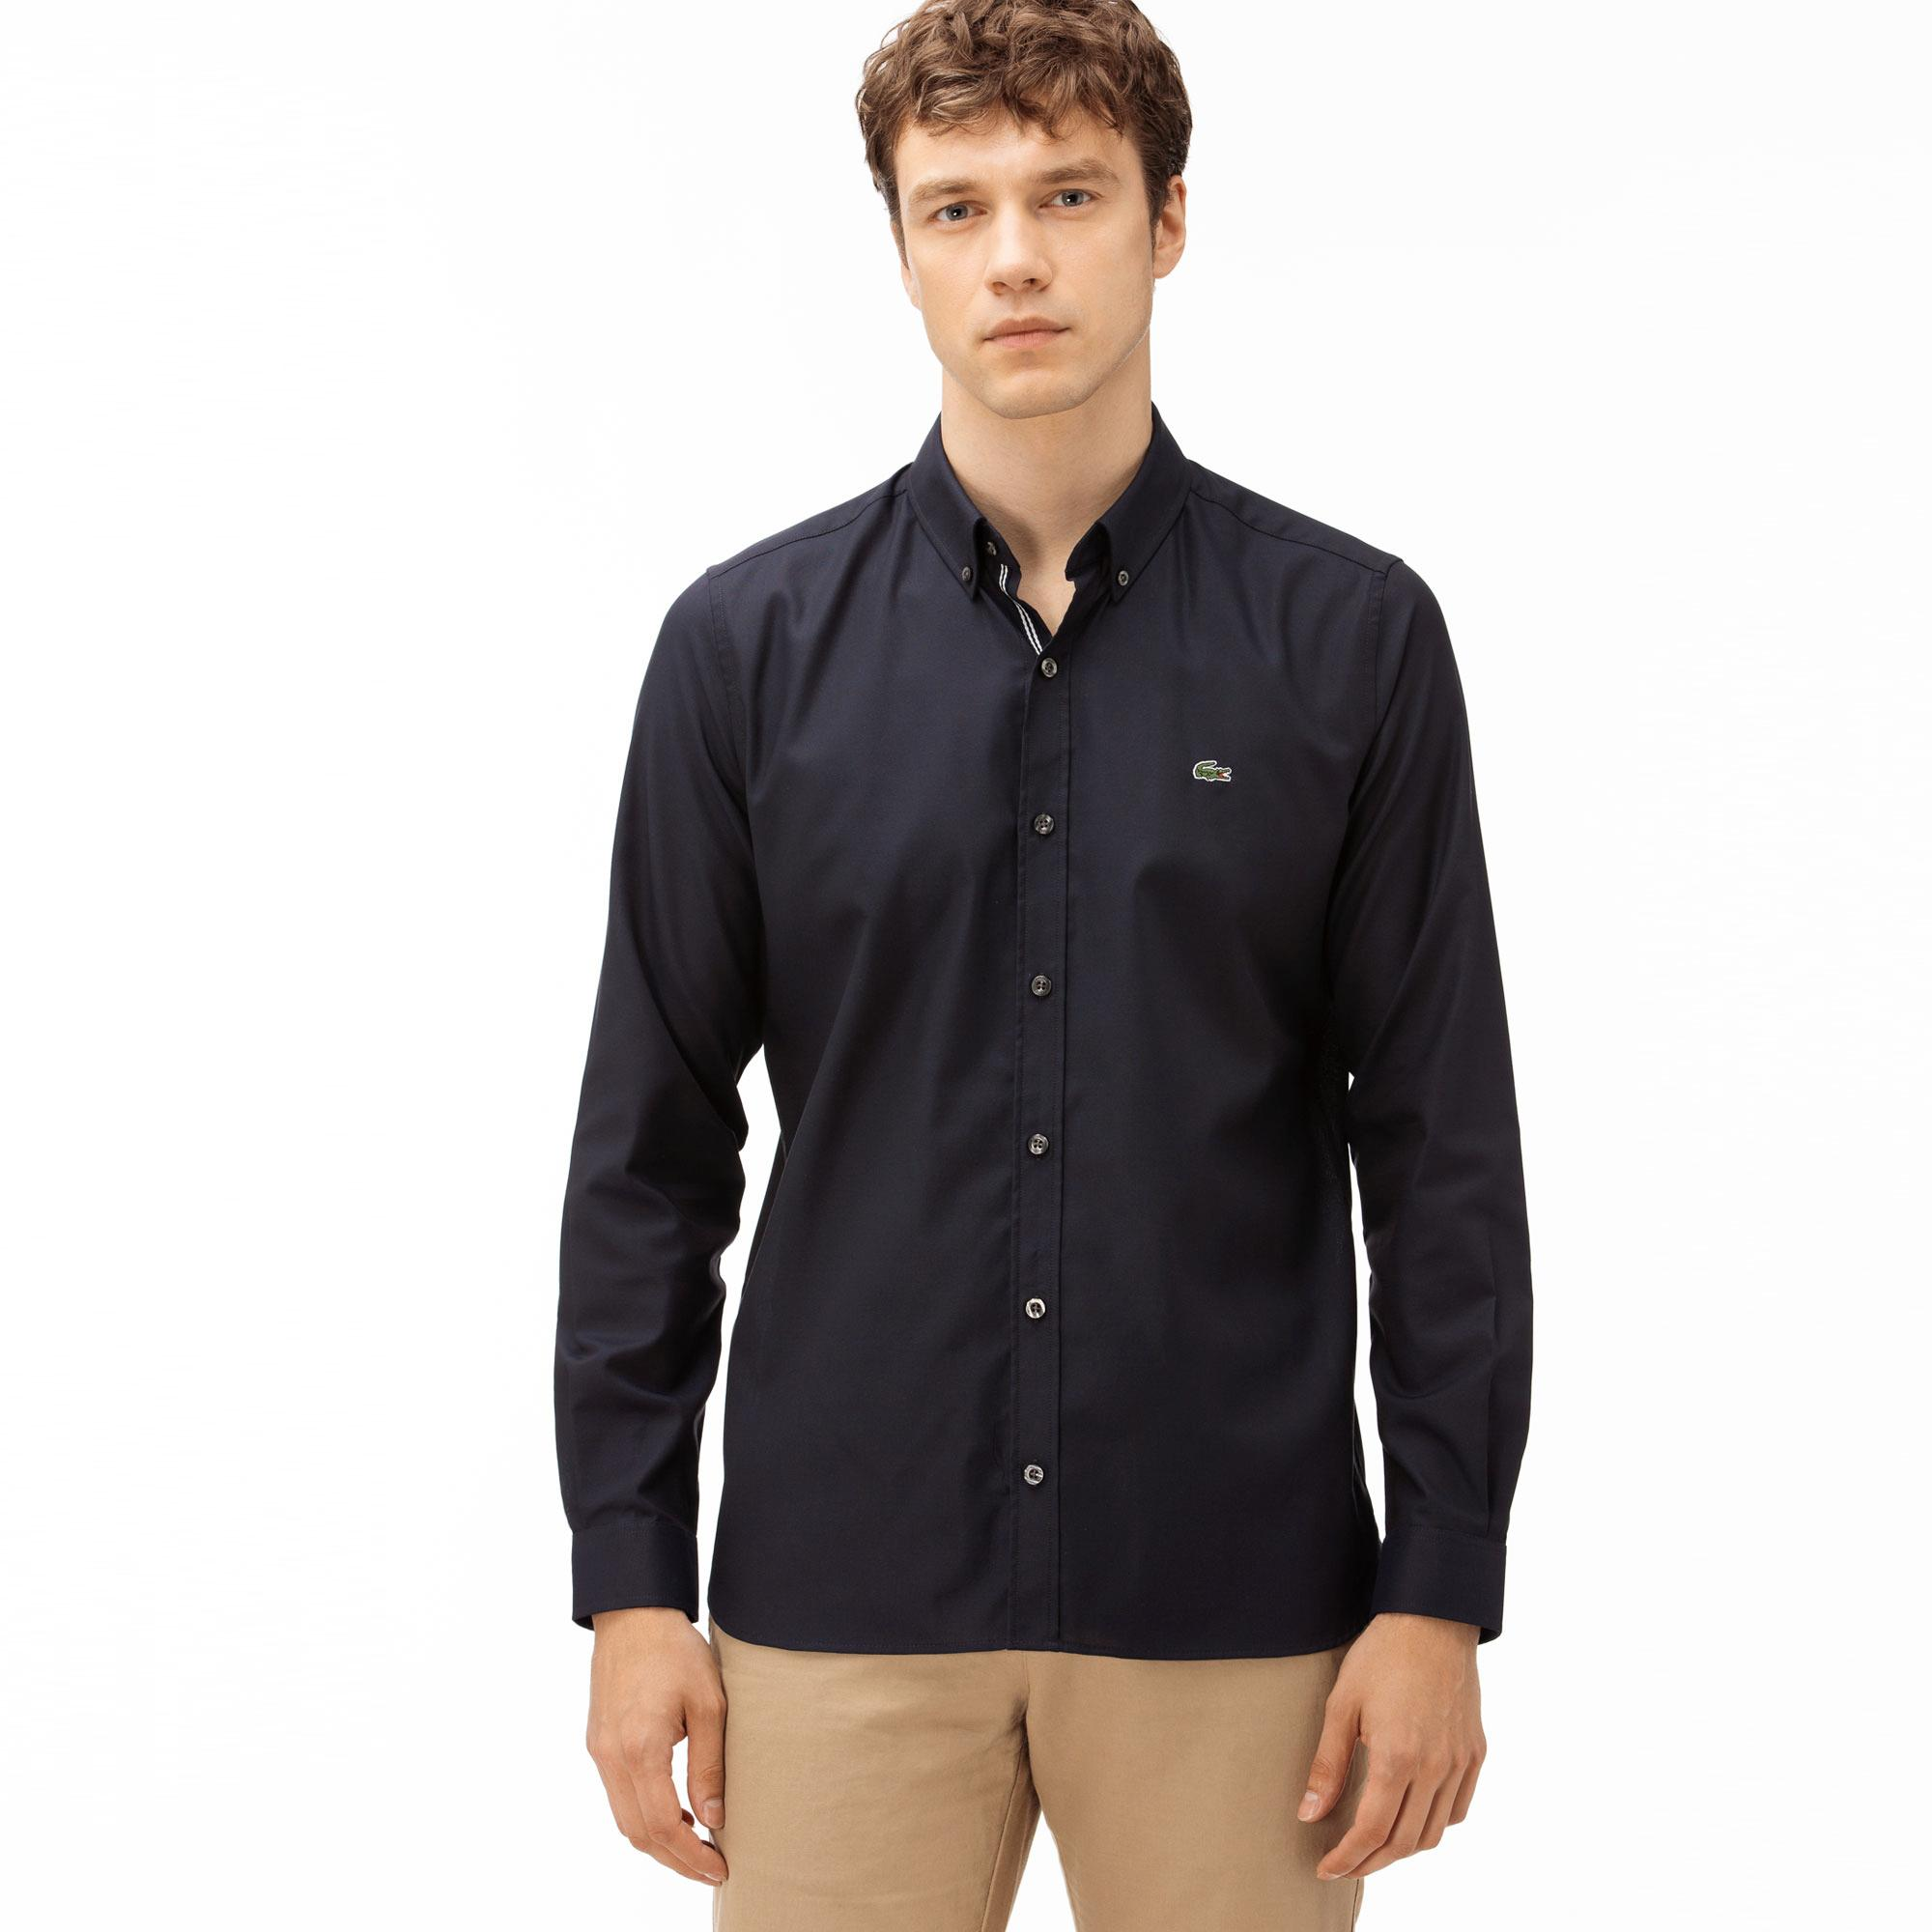 Lacoste Men's Slim Fit Oxford Shirt